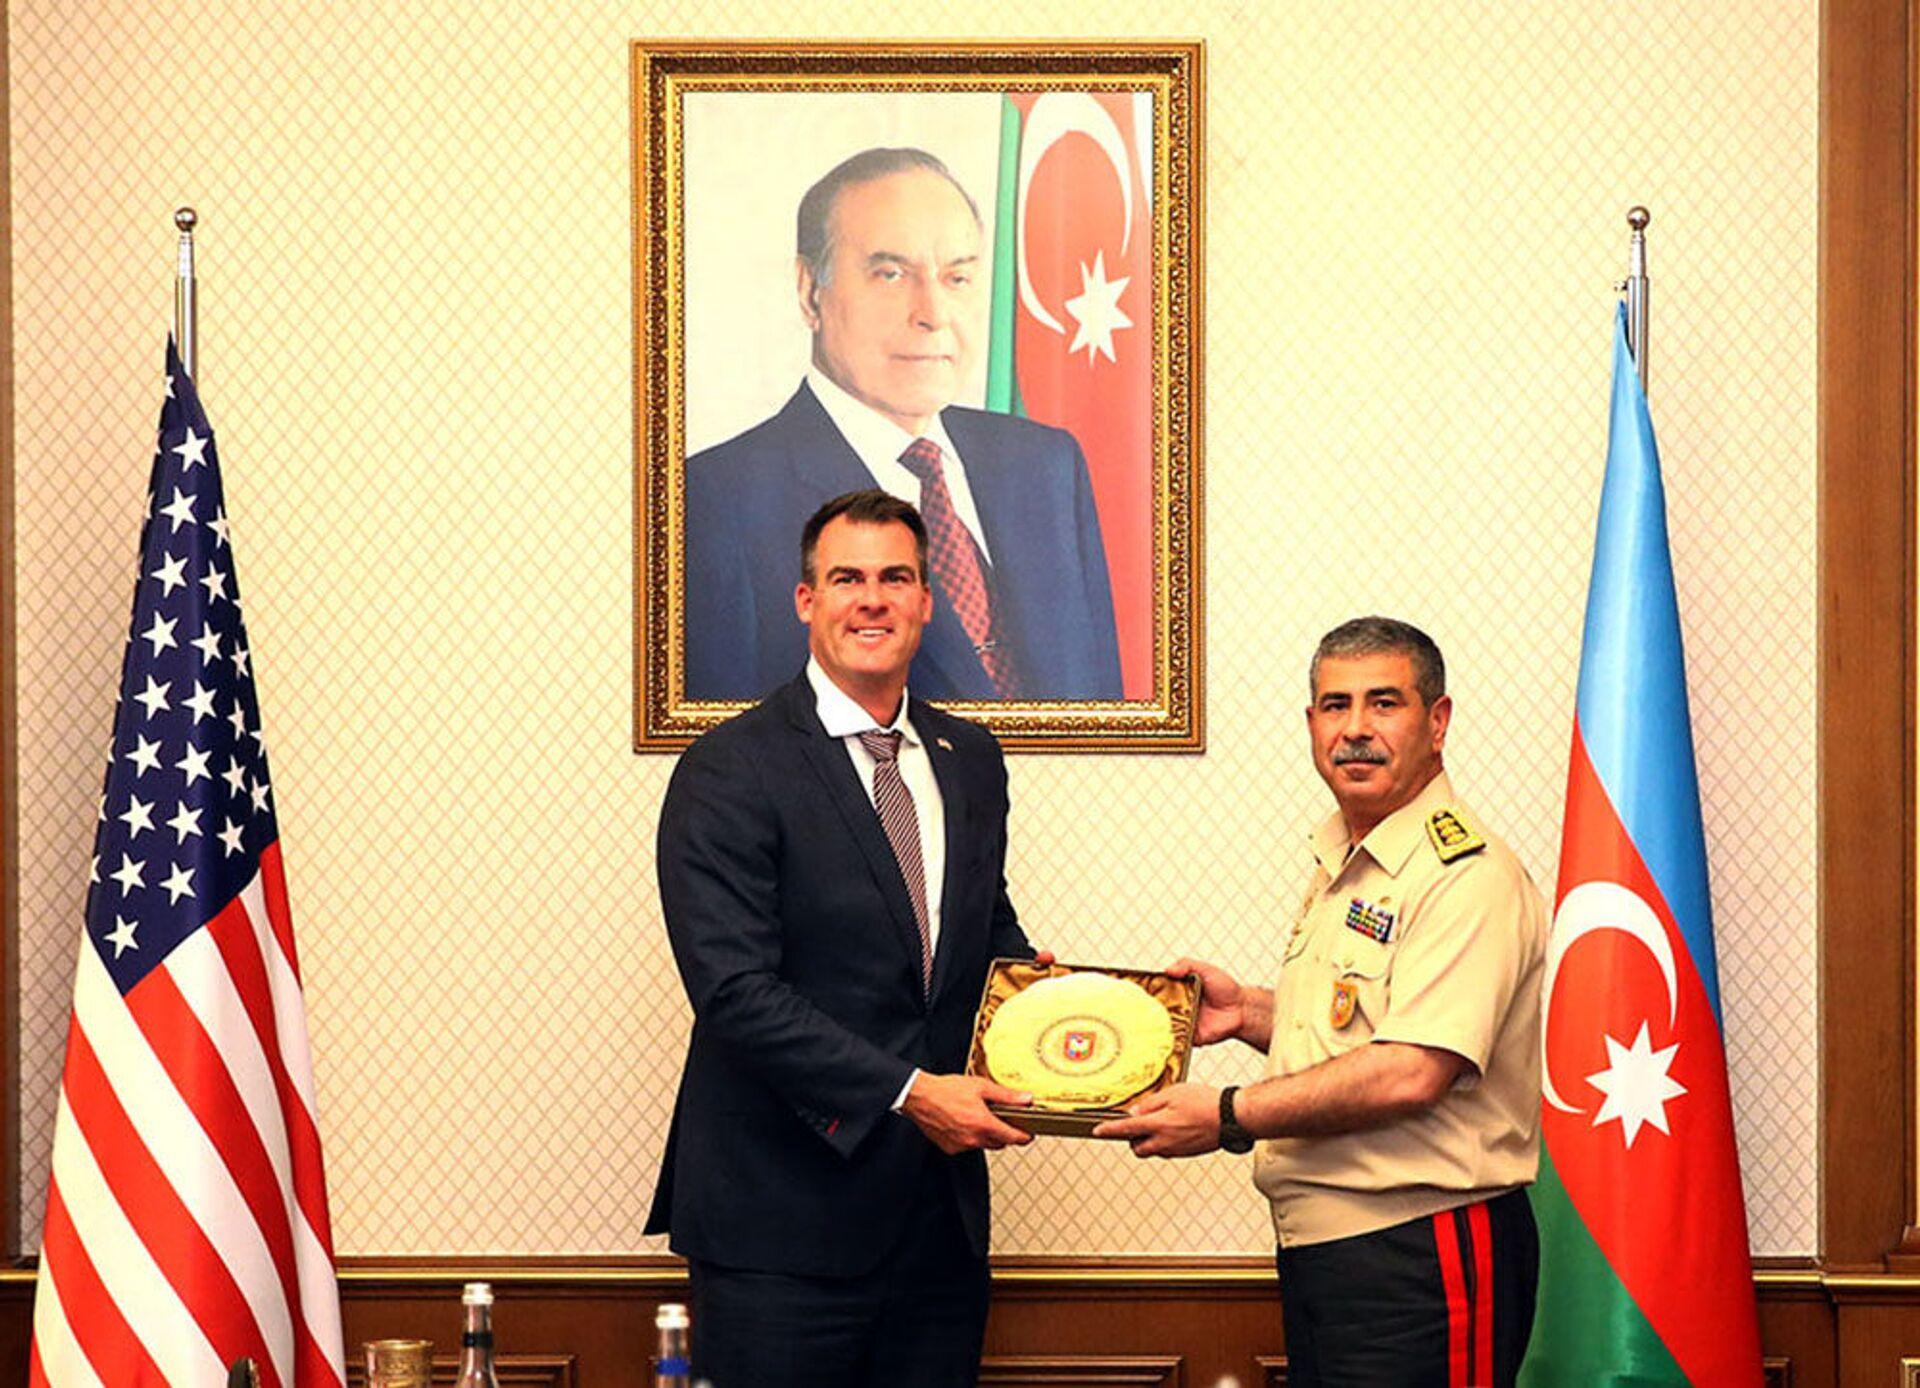 Закир Гасанов встретился с губернатором Оклахомы - Sputnik Азербайджан, 1920, 28.07.2021